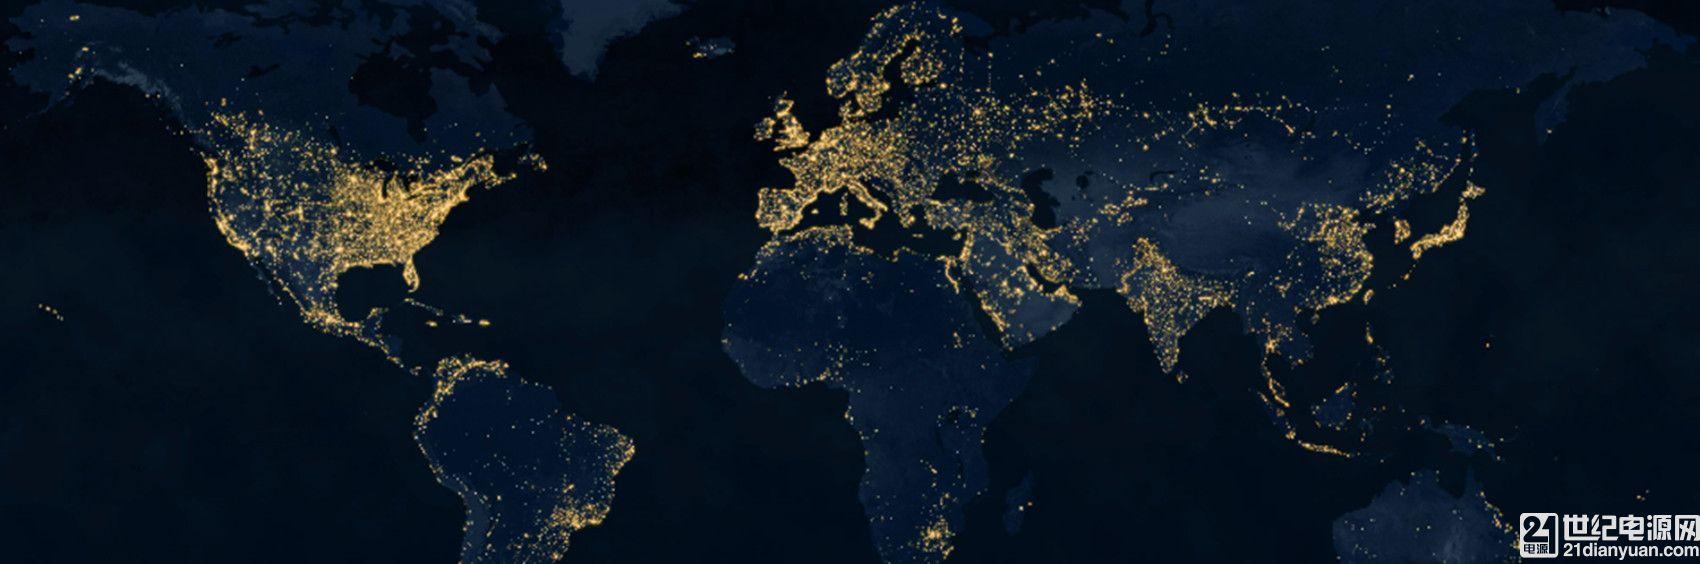 智能且节俭—节能的下一代照明